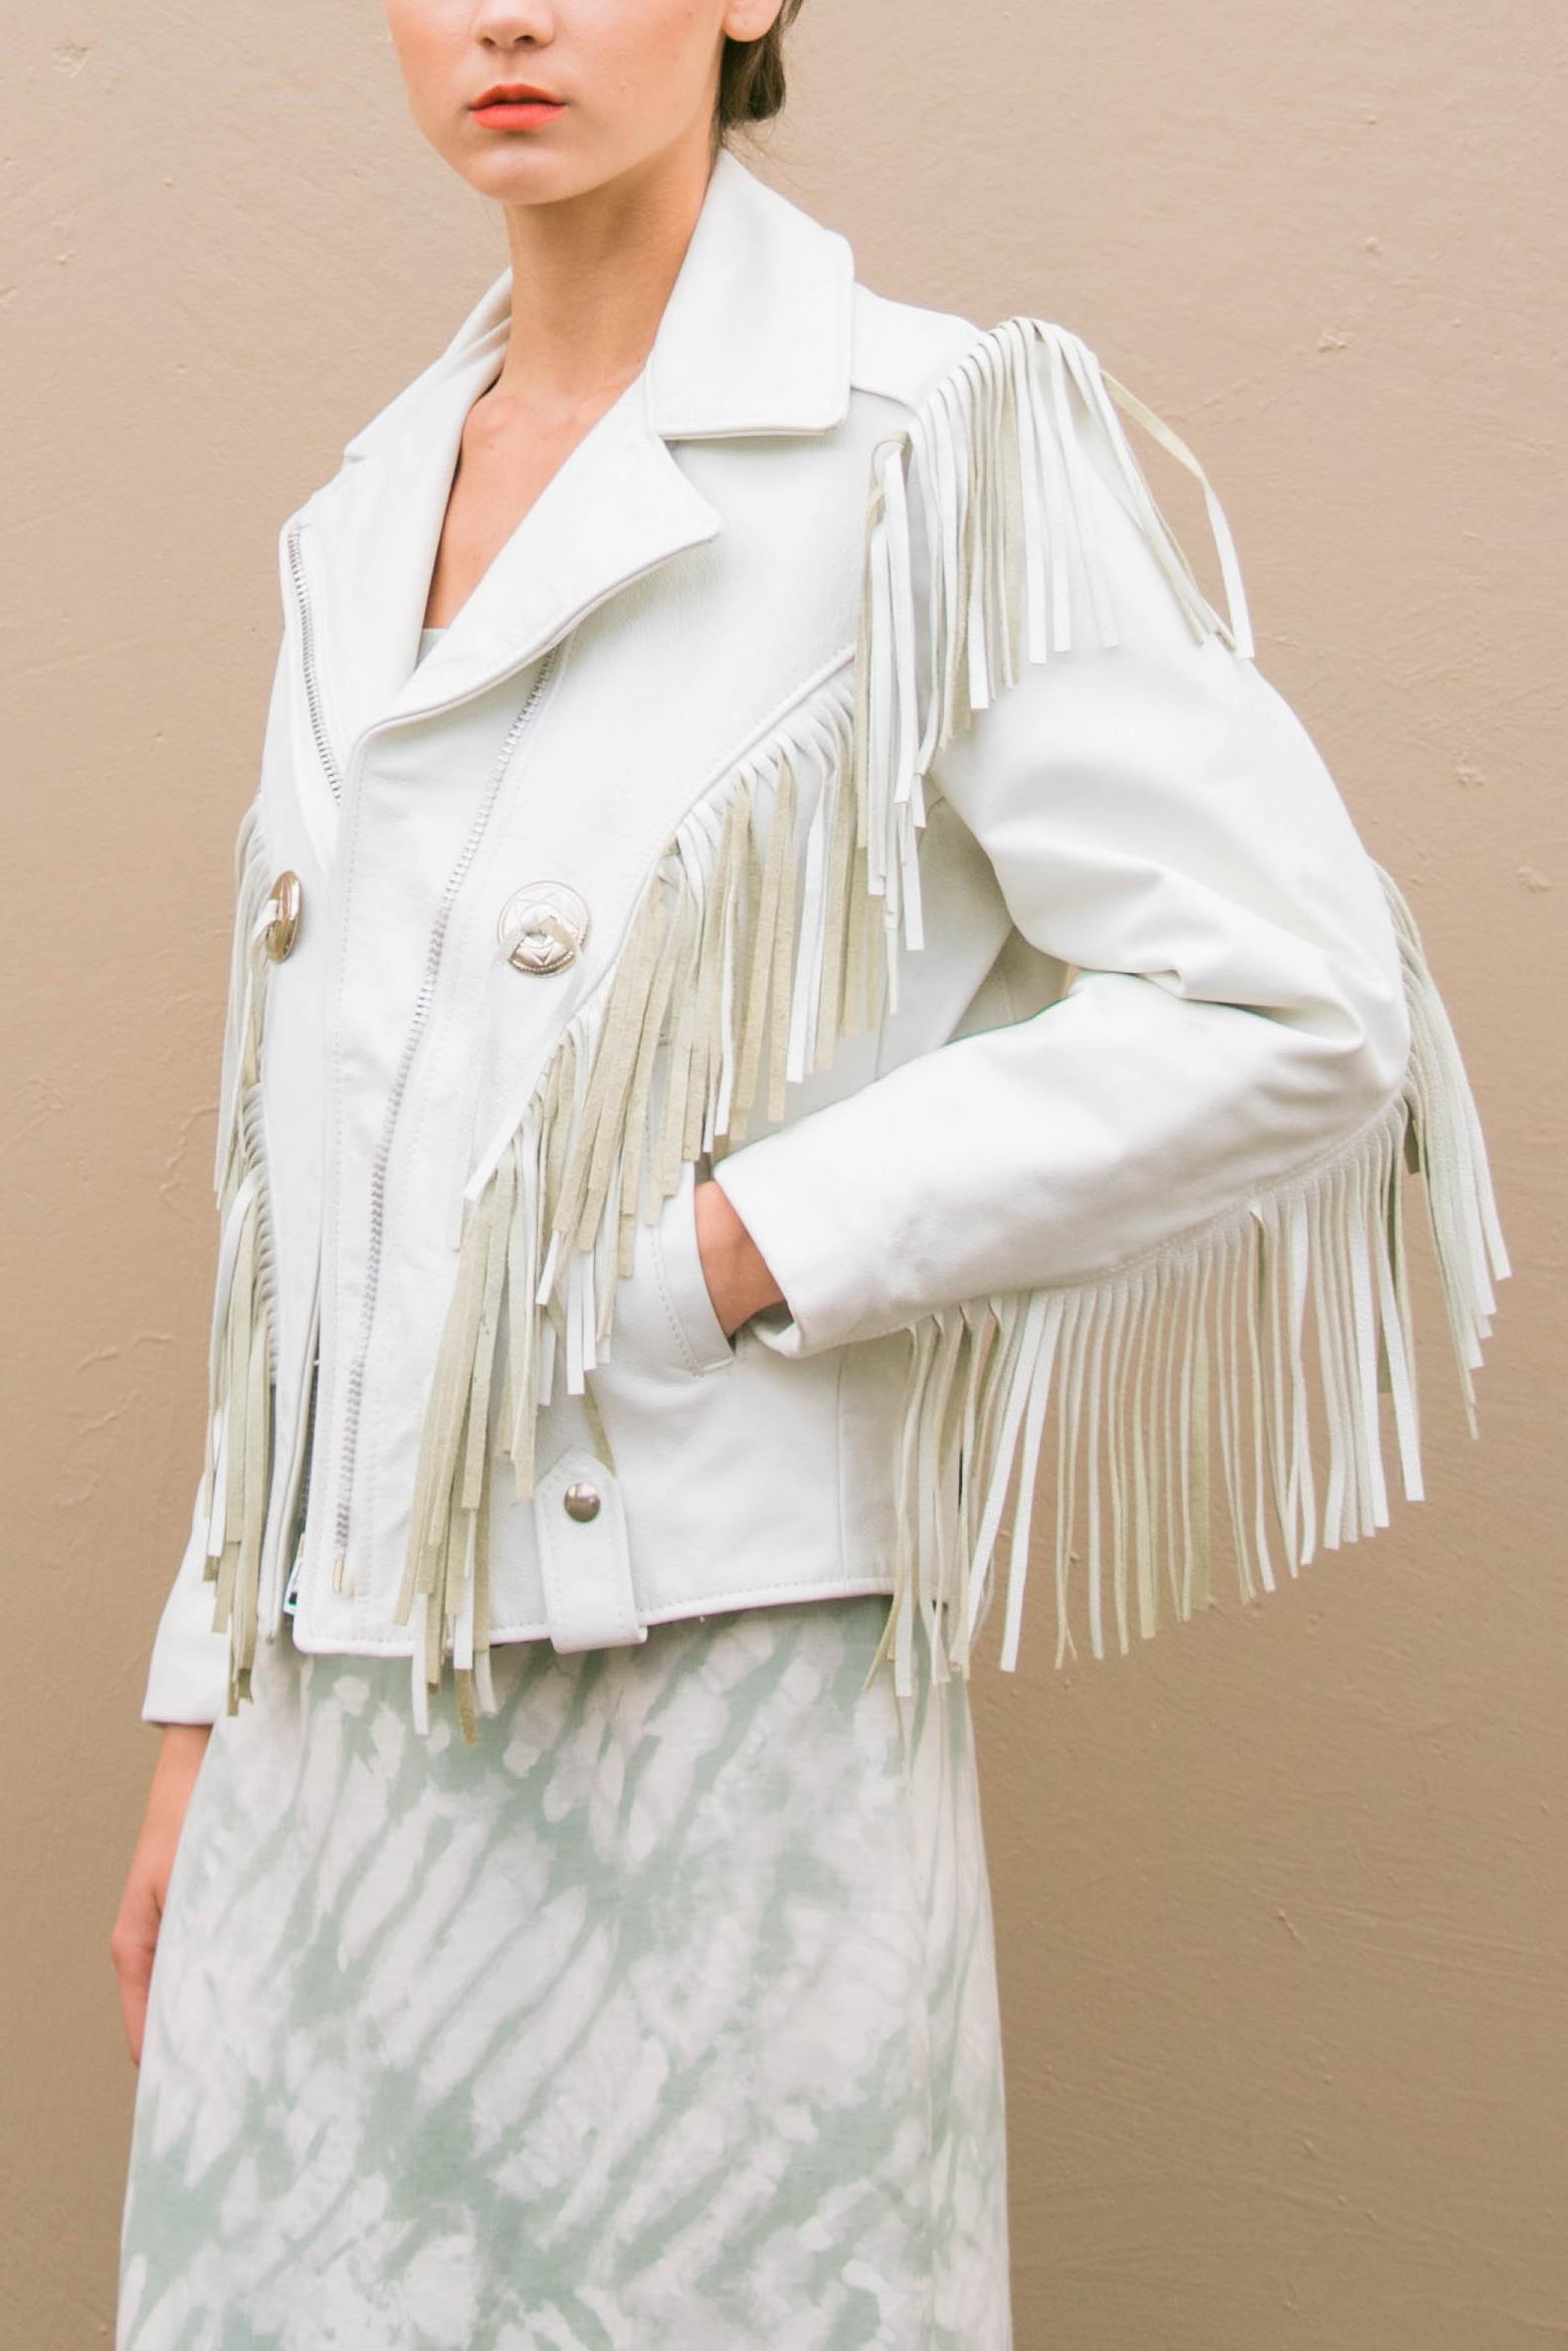 d7d829082 Vintage White Leather Fringe Jacket (S)